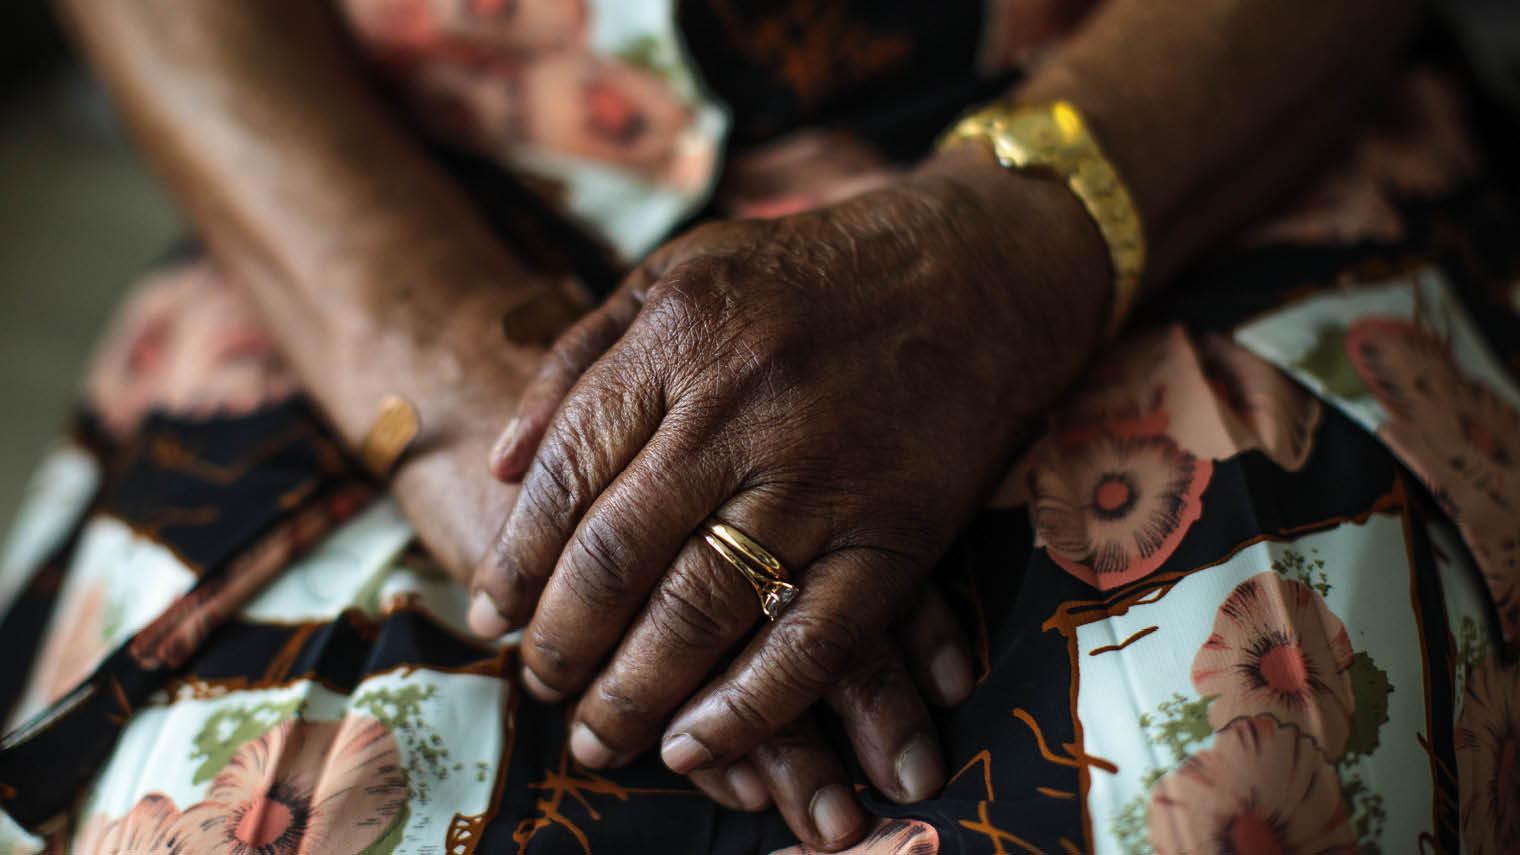 Elderly woman's hands in lap